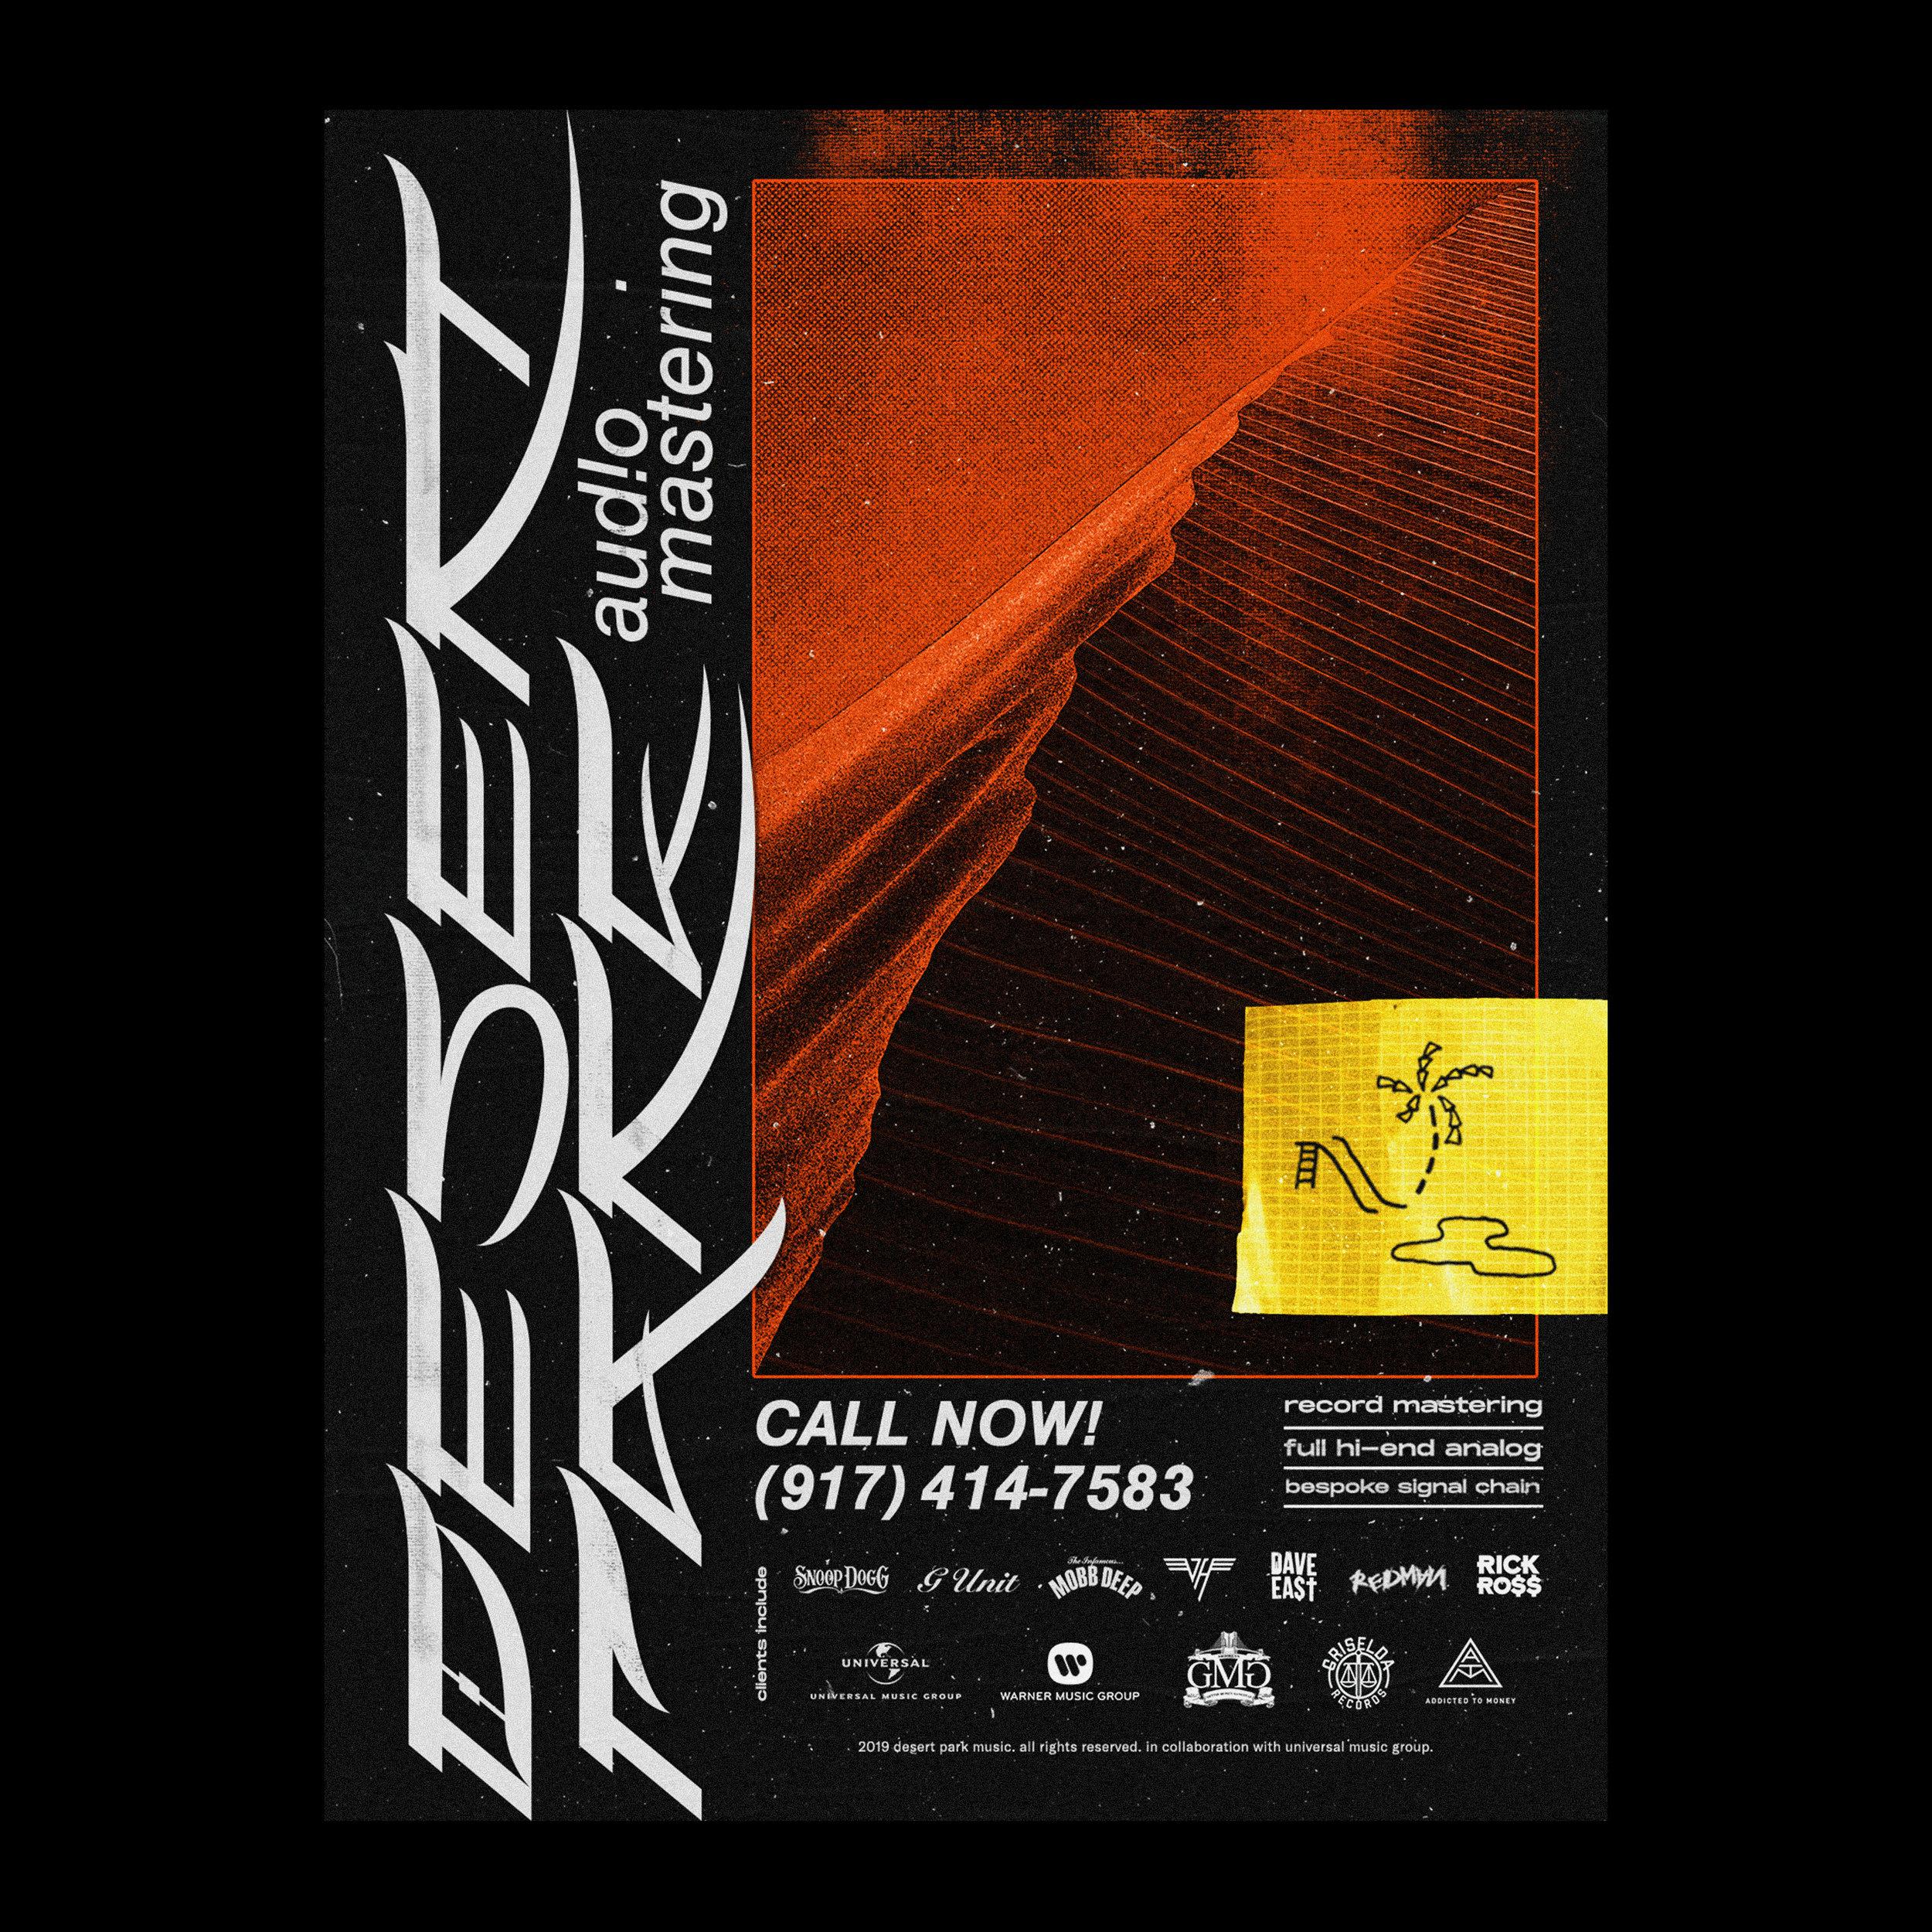 DesertPark-Poster-Vertical-Layout-v4.jpg